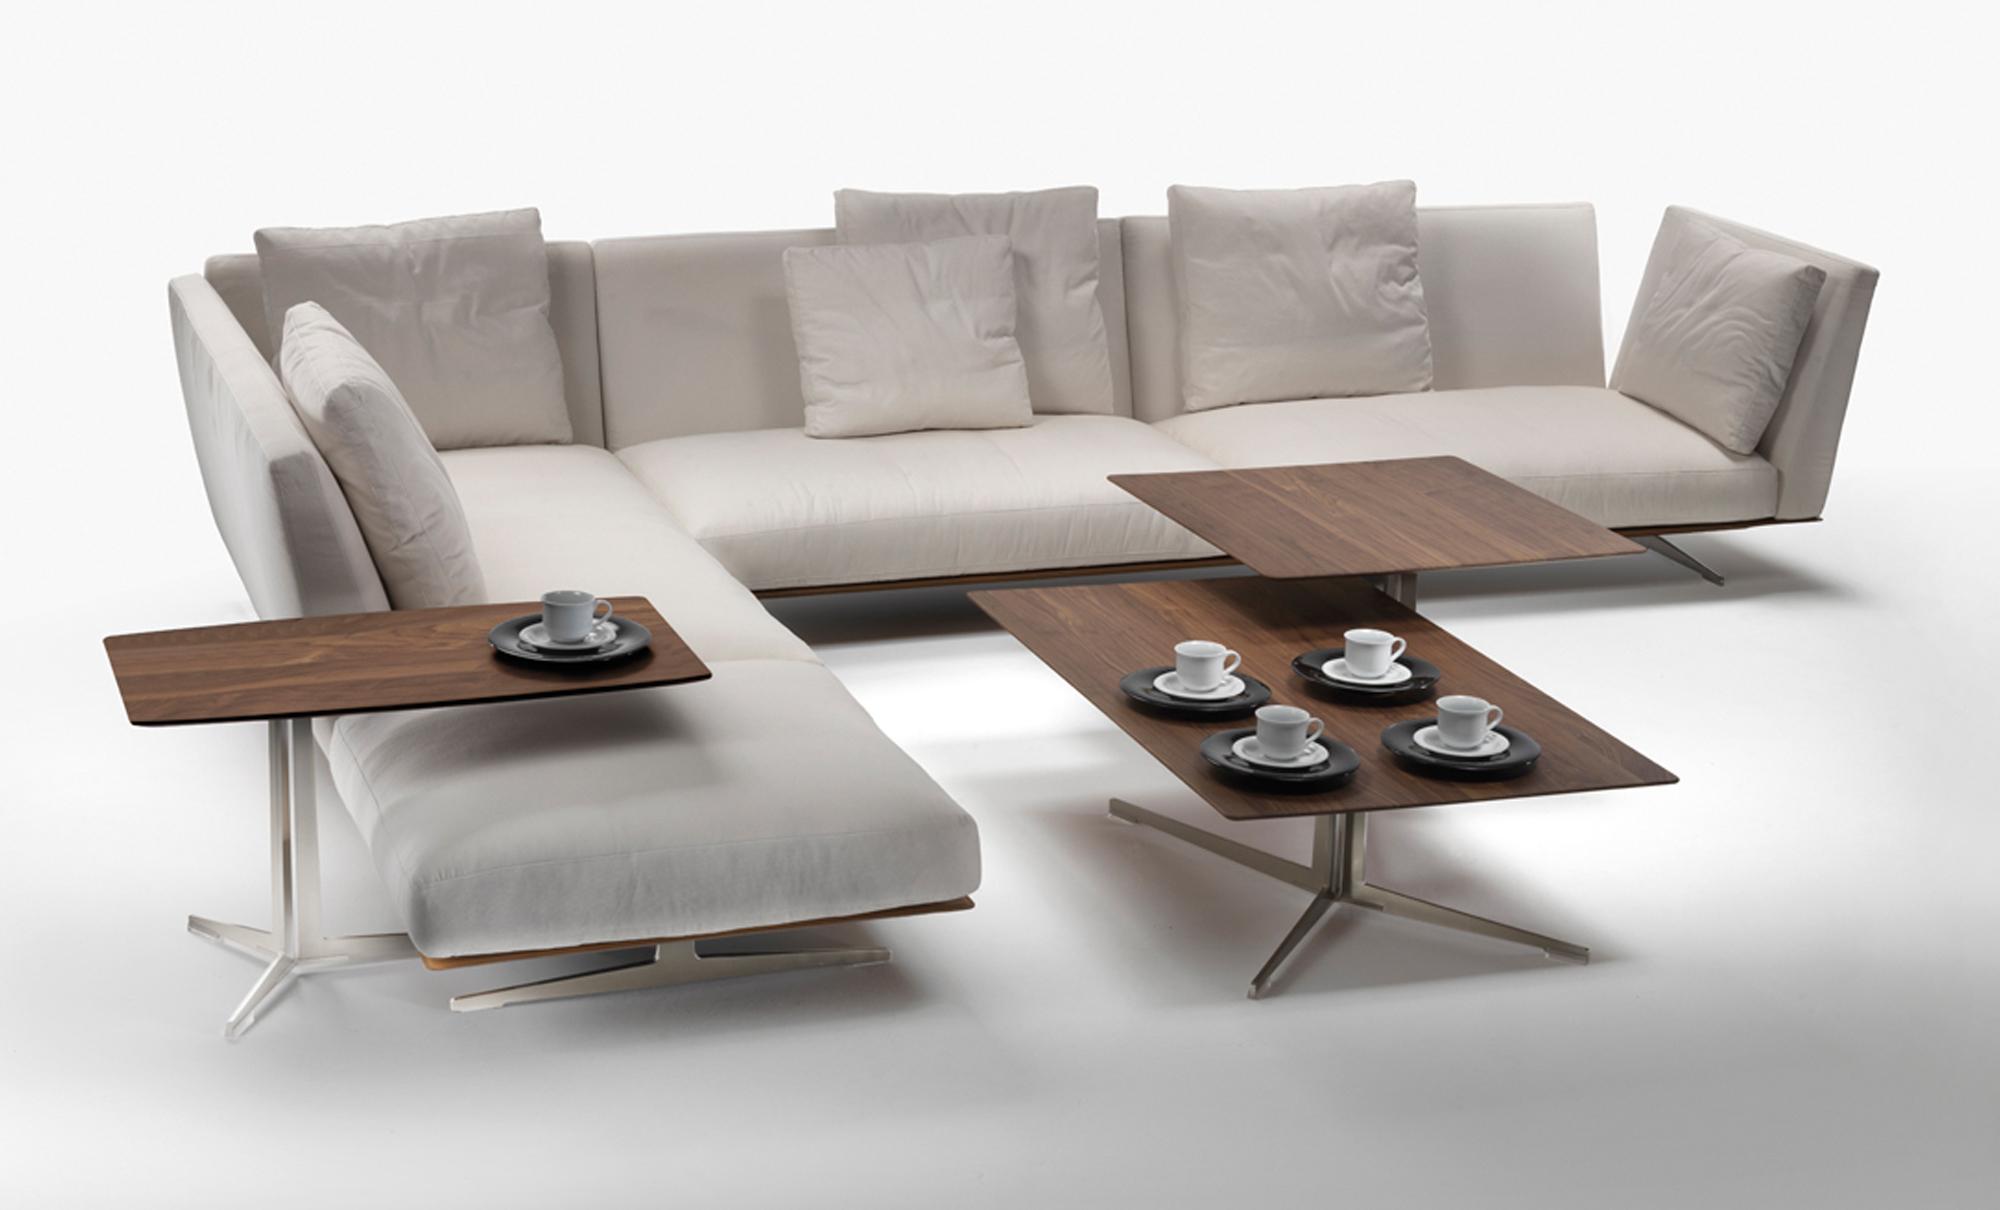 Modular Furniture Sofa: Fanuli Furniture